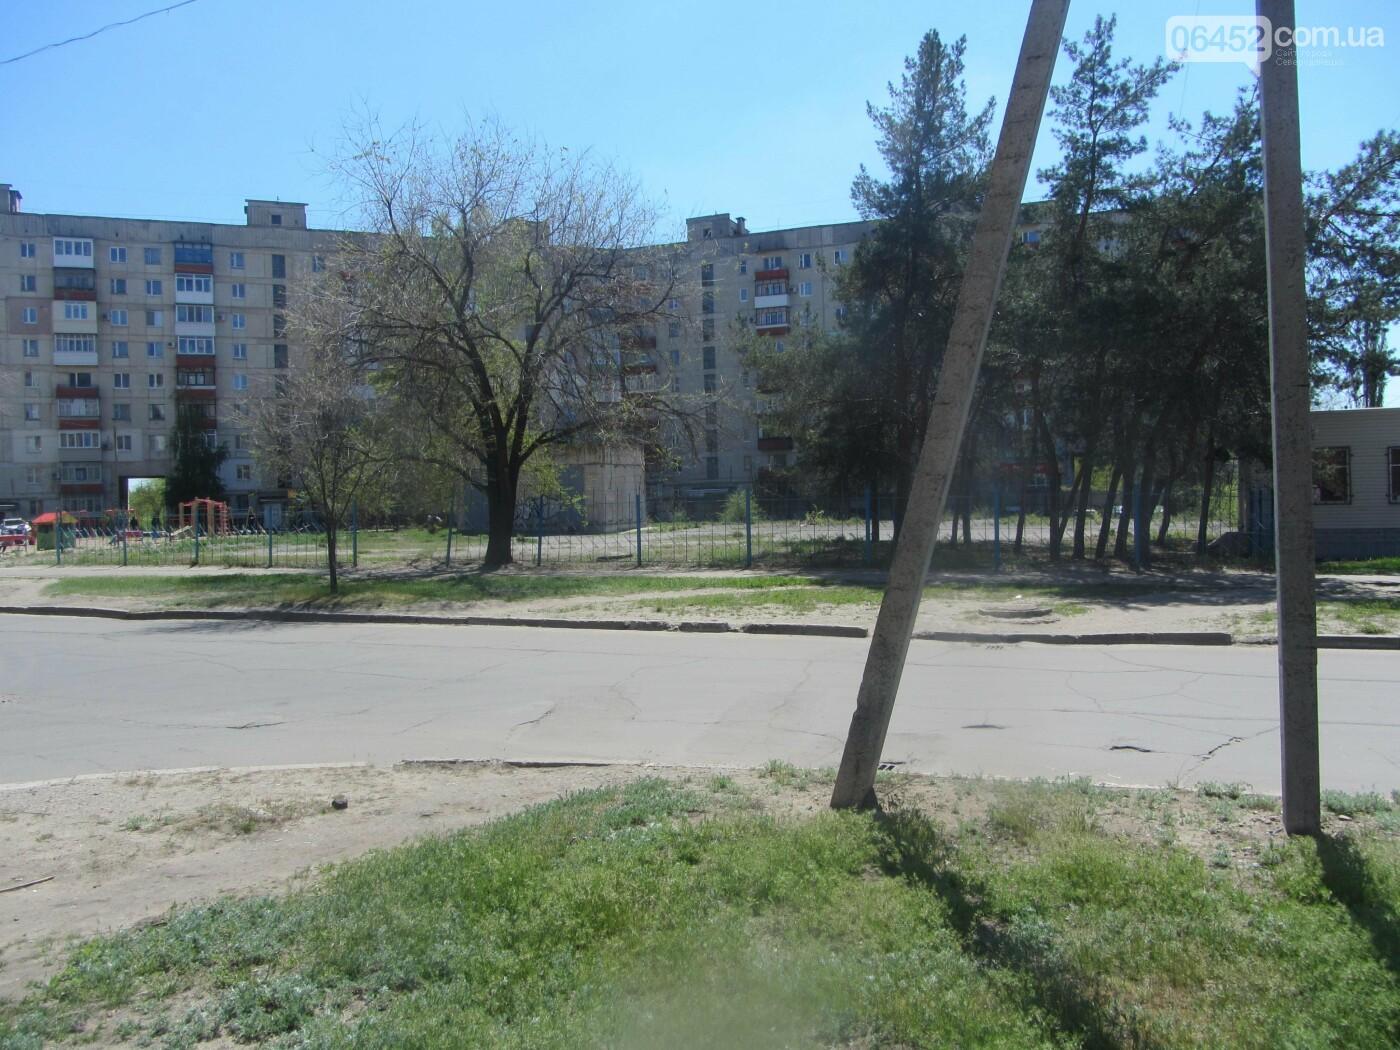 Газон или парковка: житель Северодонецка требует создать парковочные места во дворах, фото-16